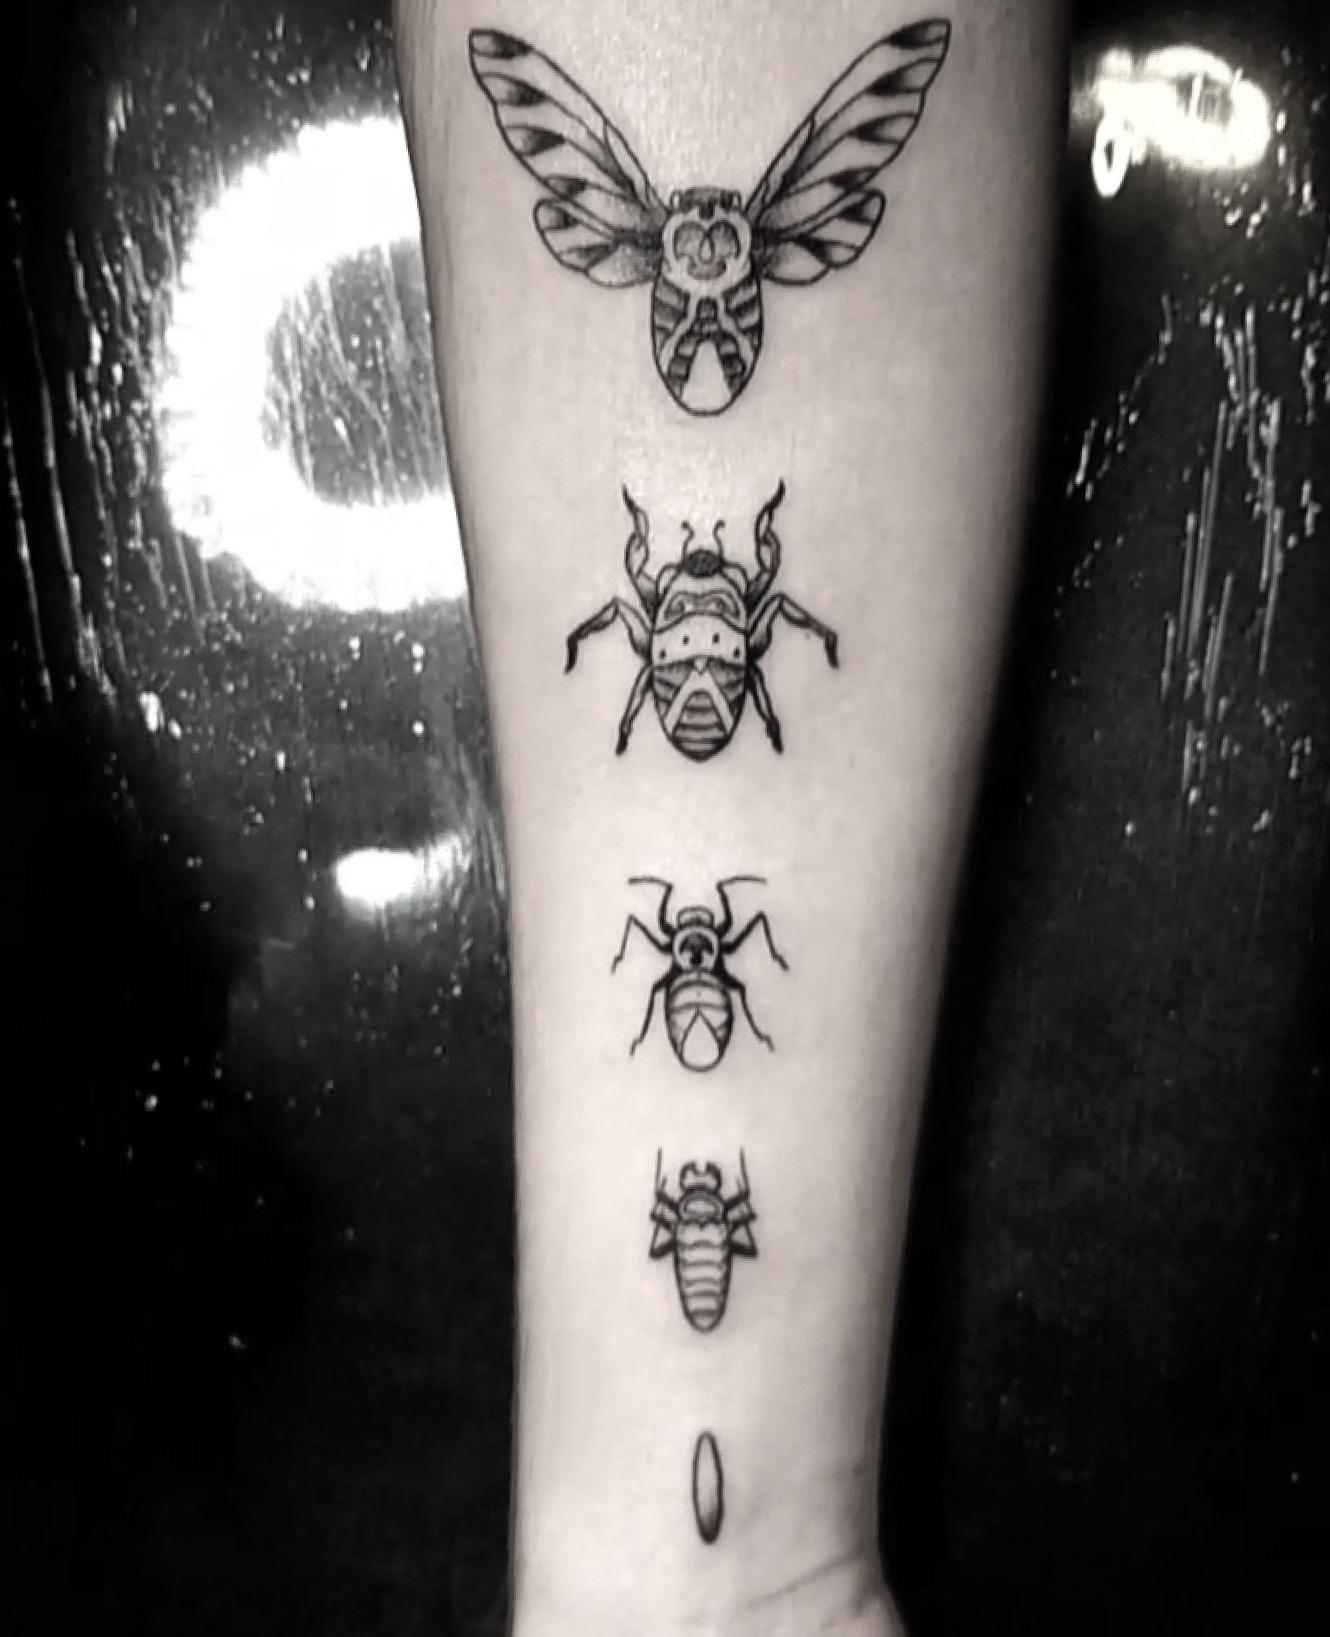 Cicada Evolution